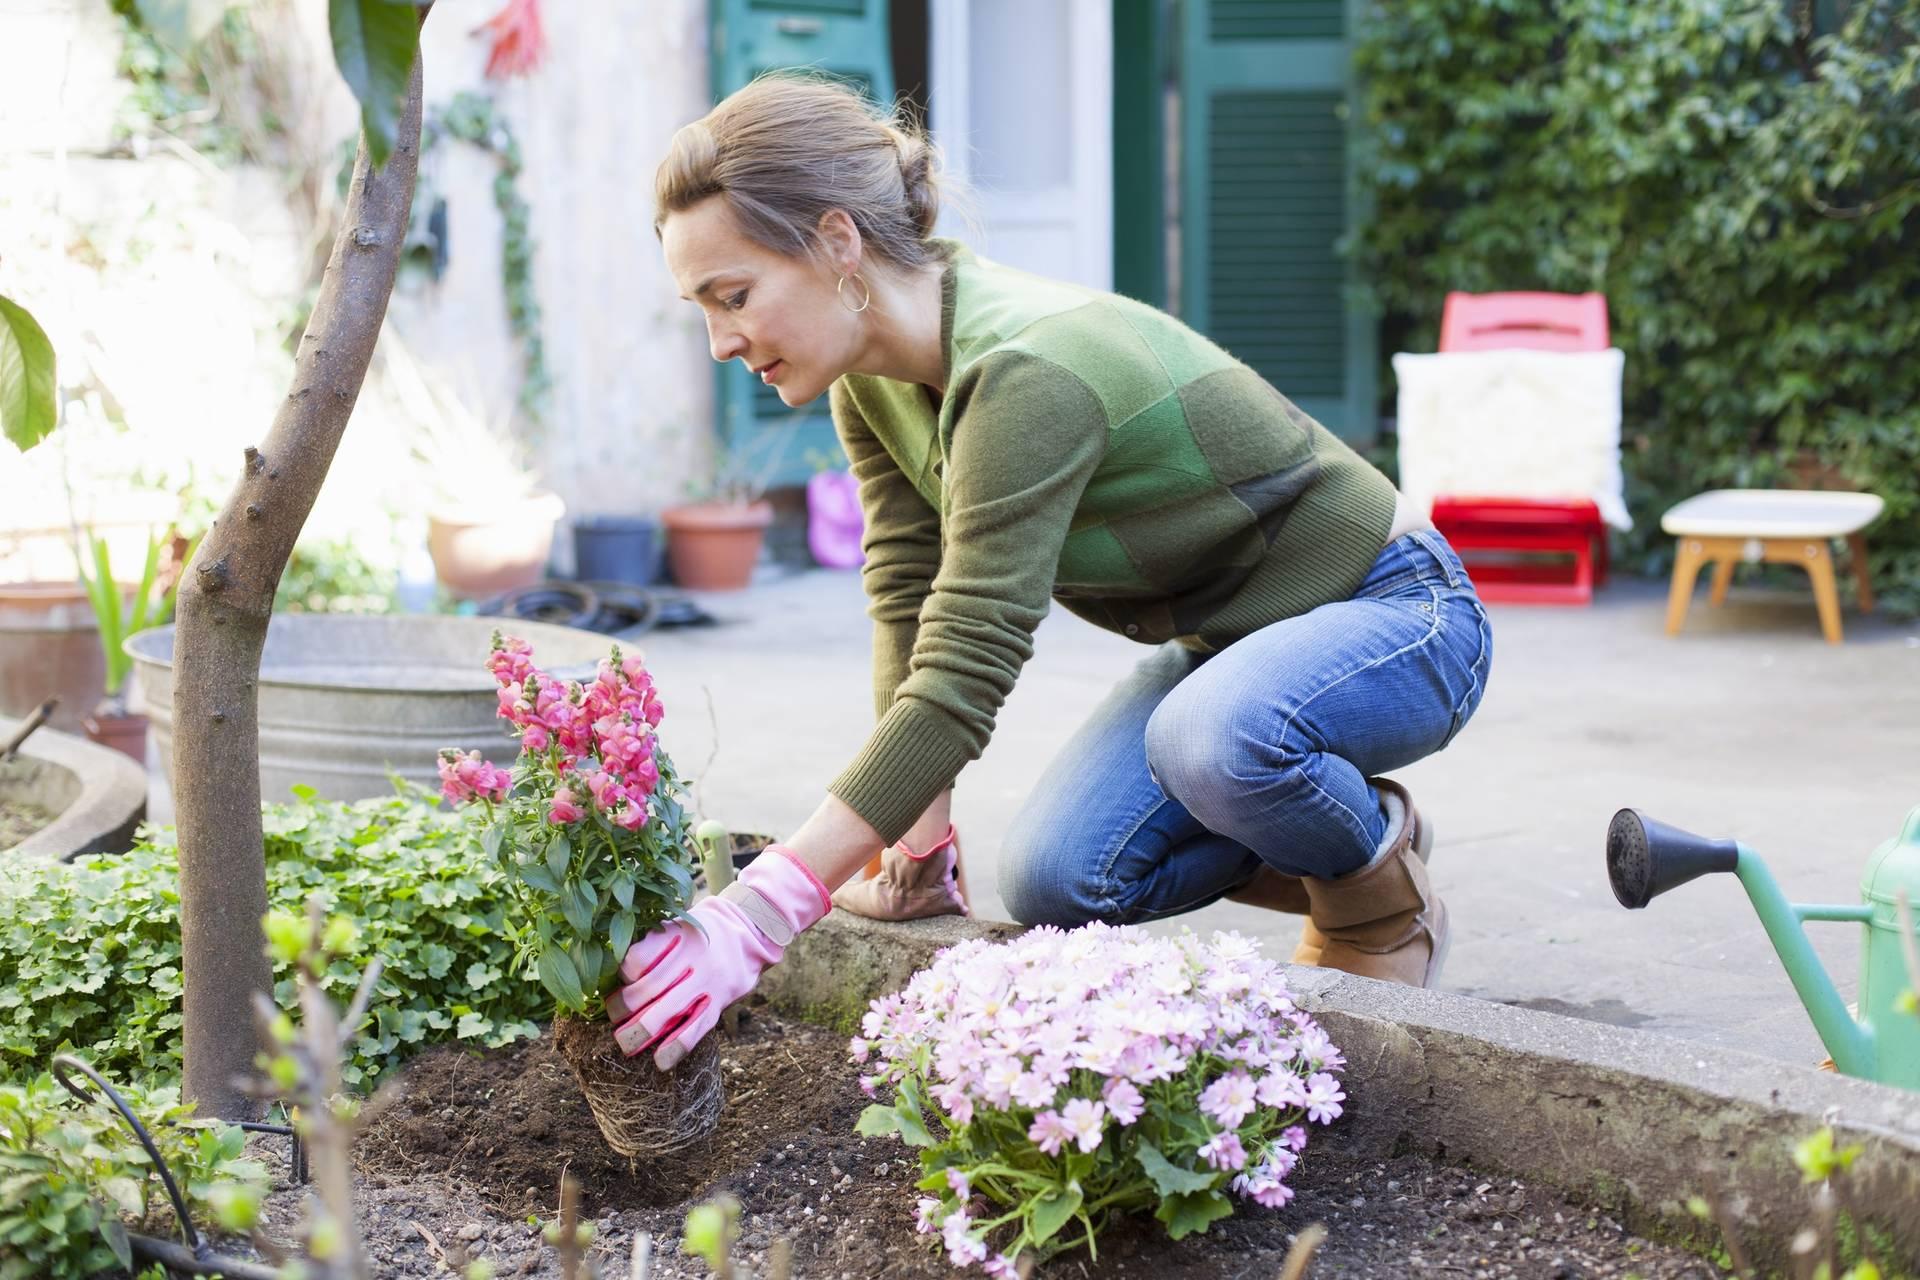 7 Idées D'aménagement Pour Jardin Pas Chères | Envie De Plus dedans Bordure Jardin Pas Cher